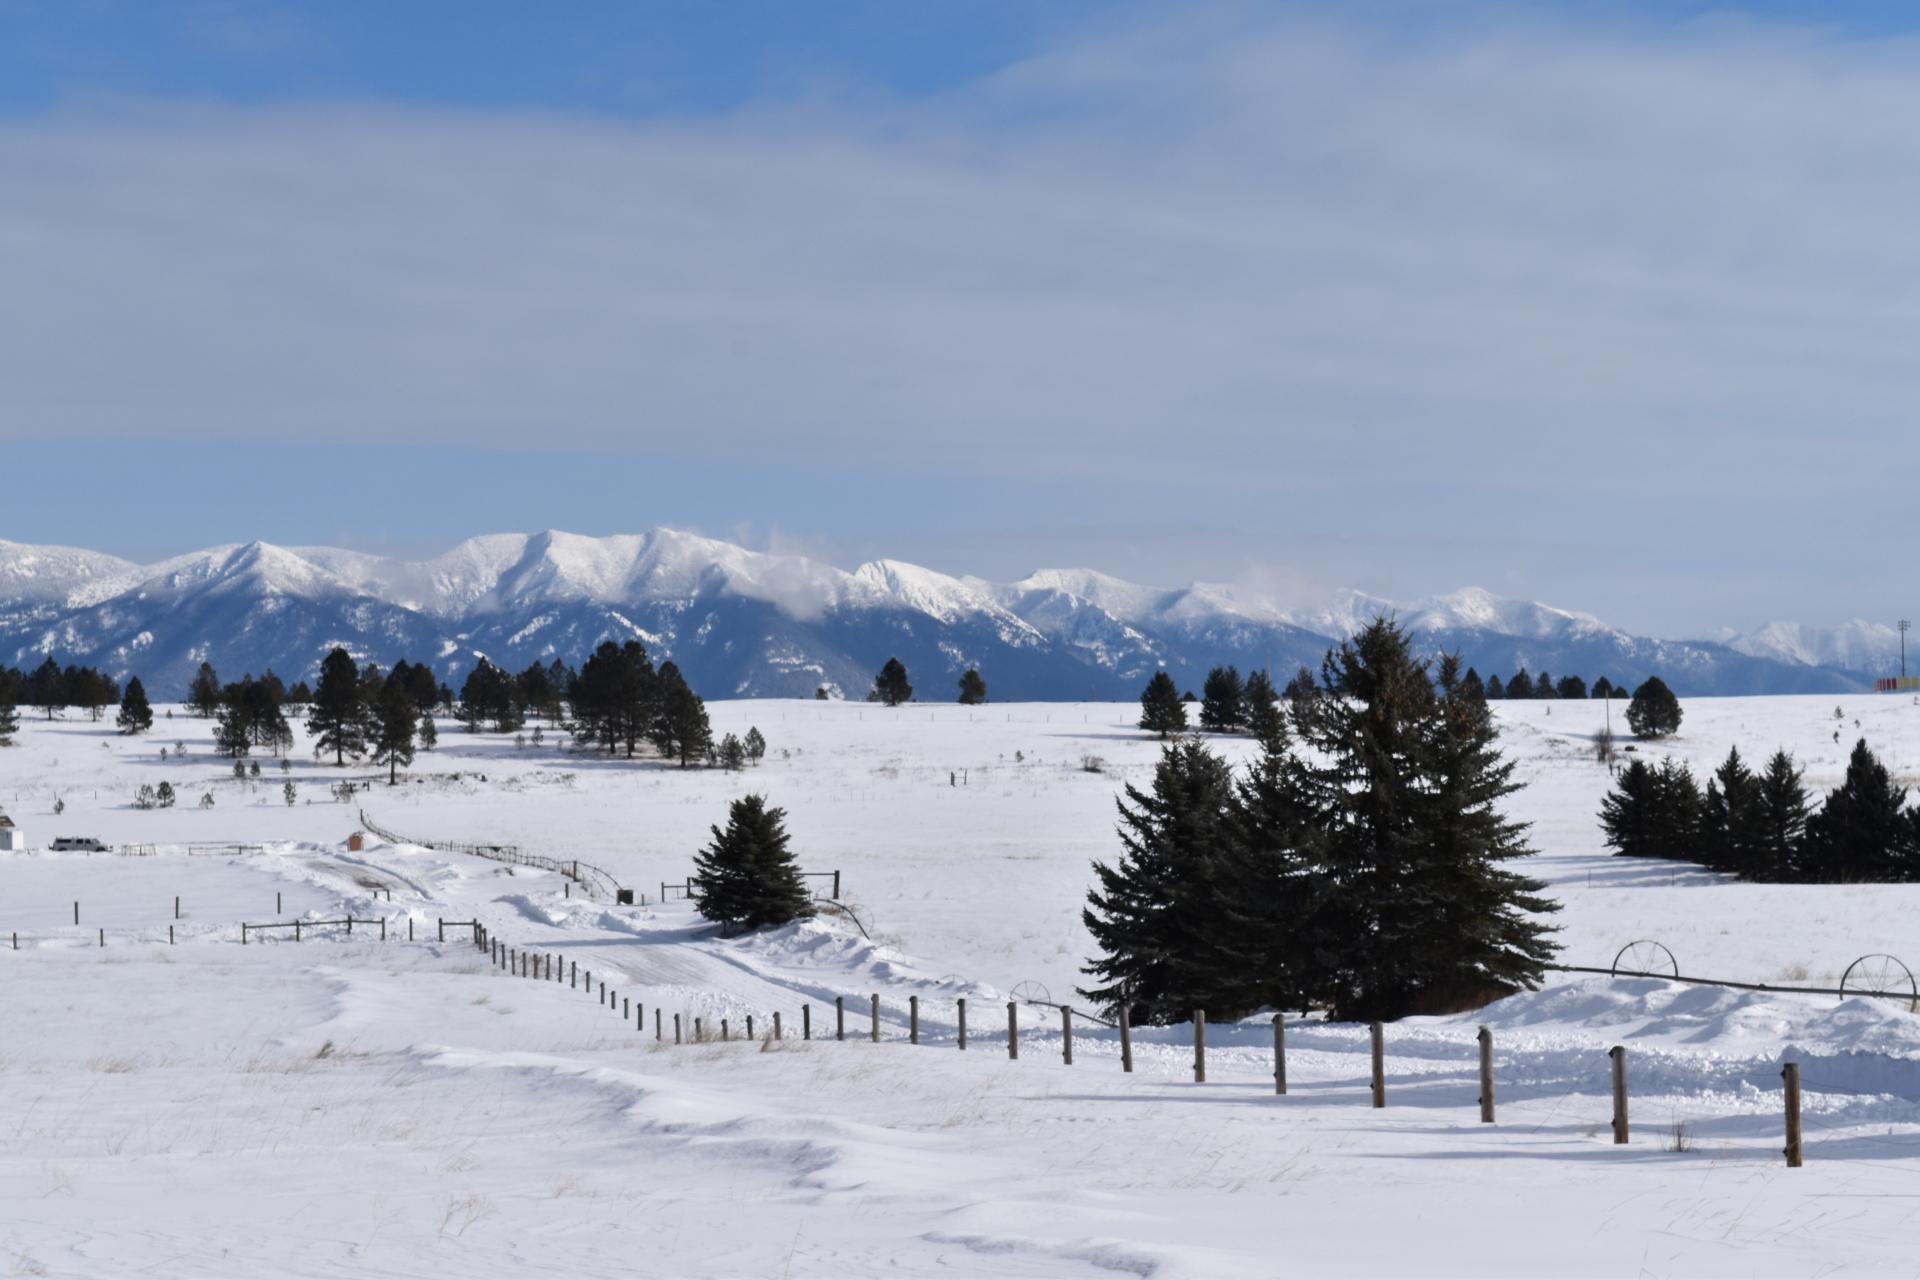 Nhn Prairie View Way , Kalispell, MT 189,000